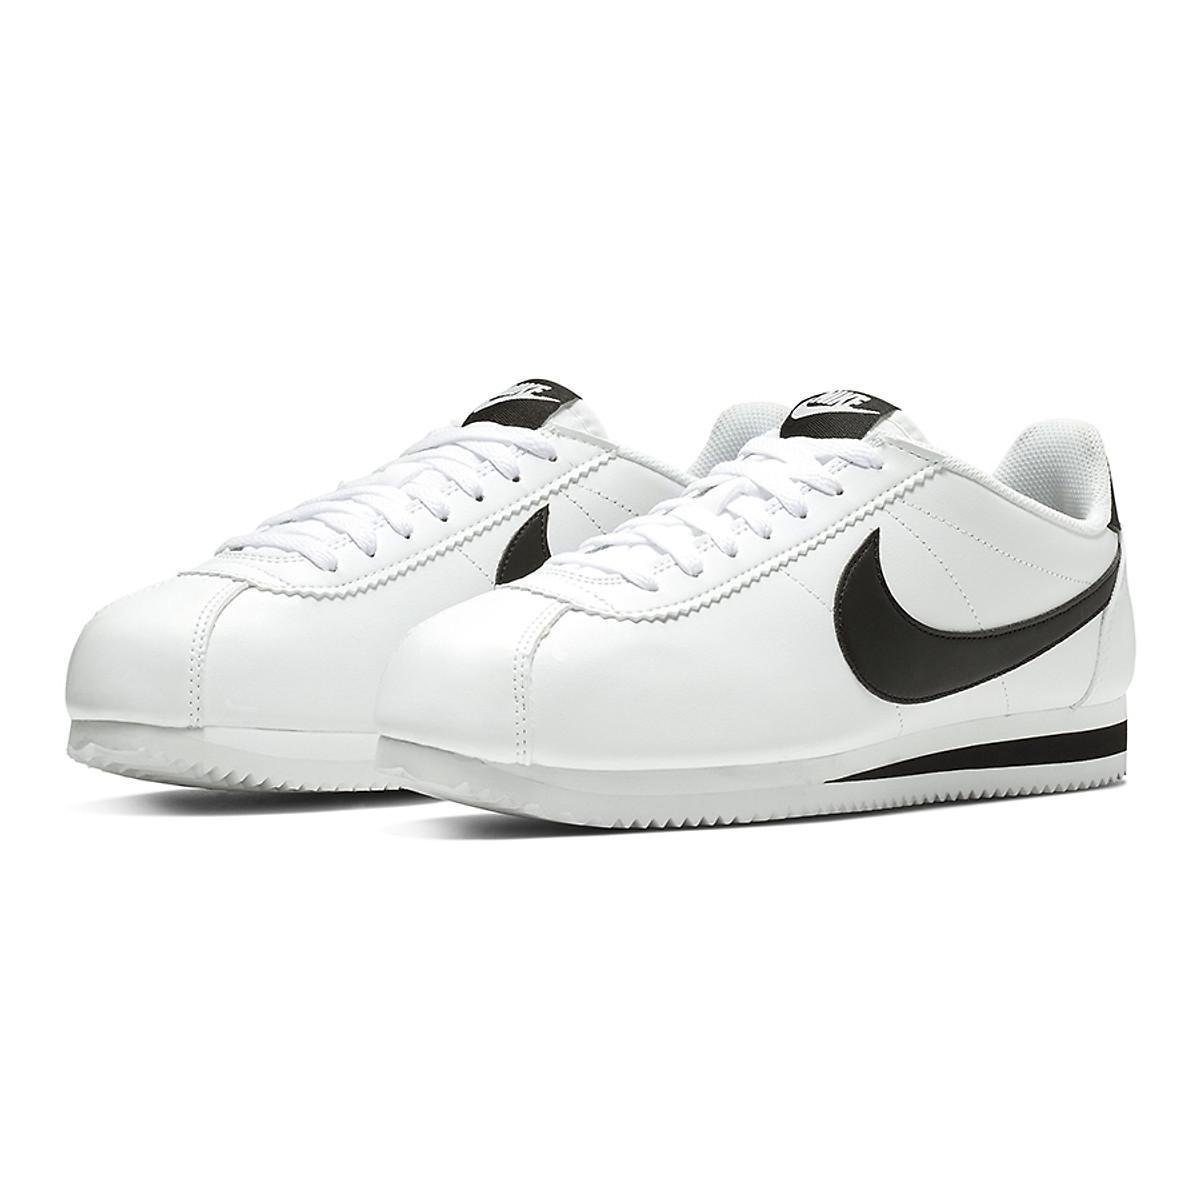 Đánh giá, review Giày Nike nữ Cortez